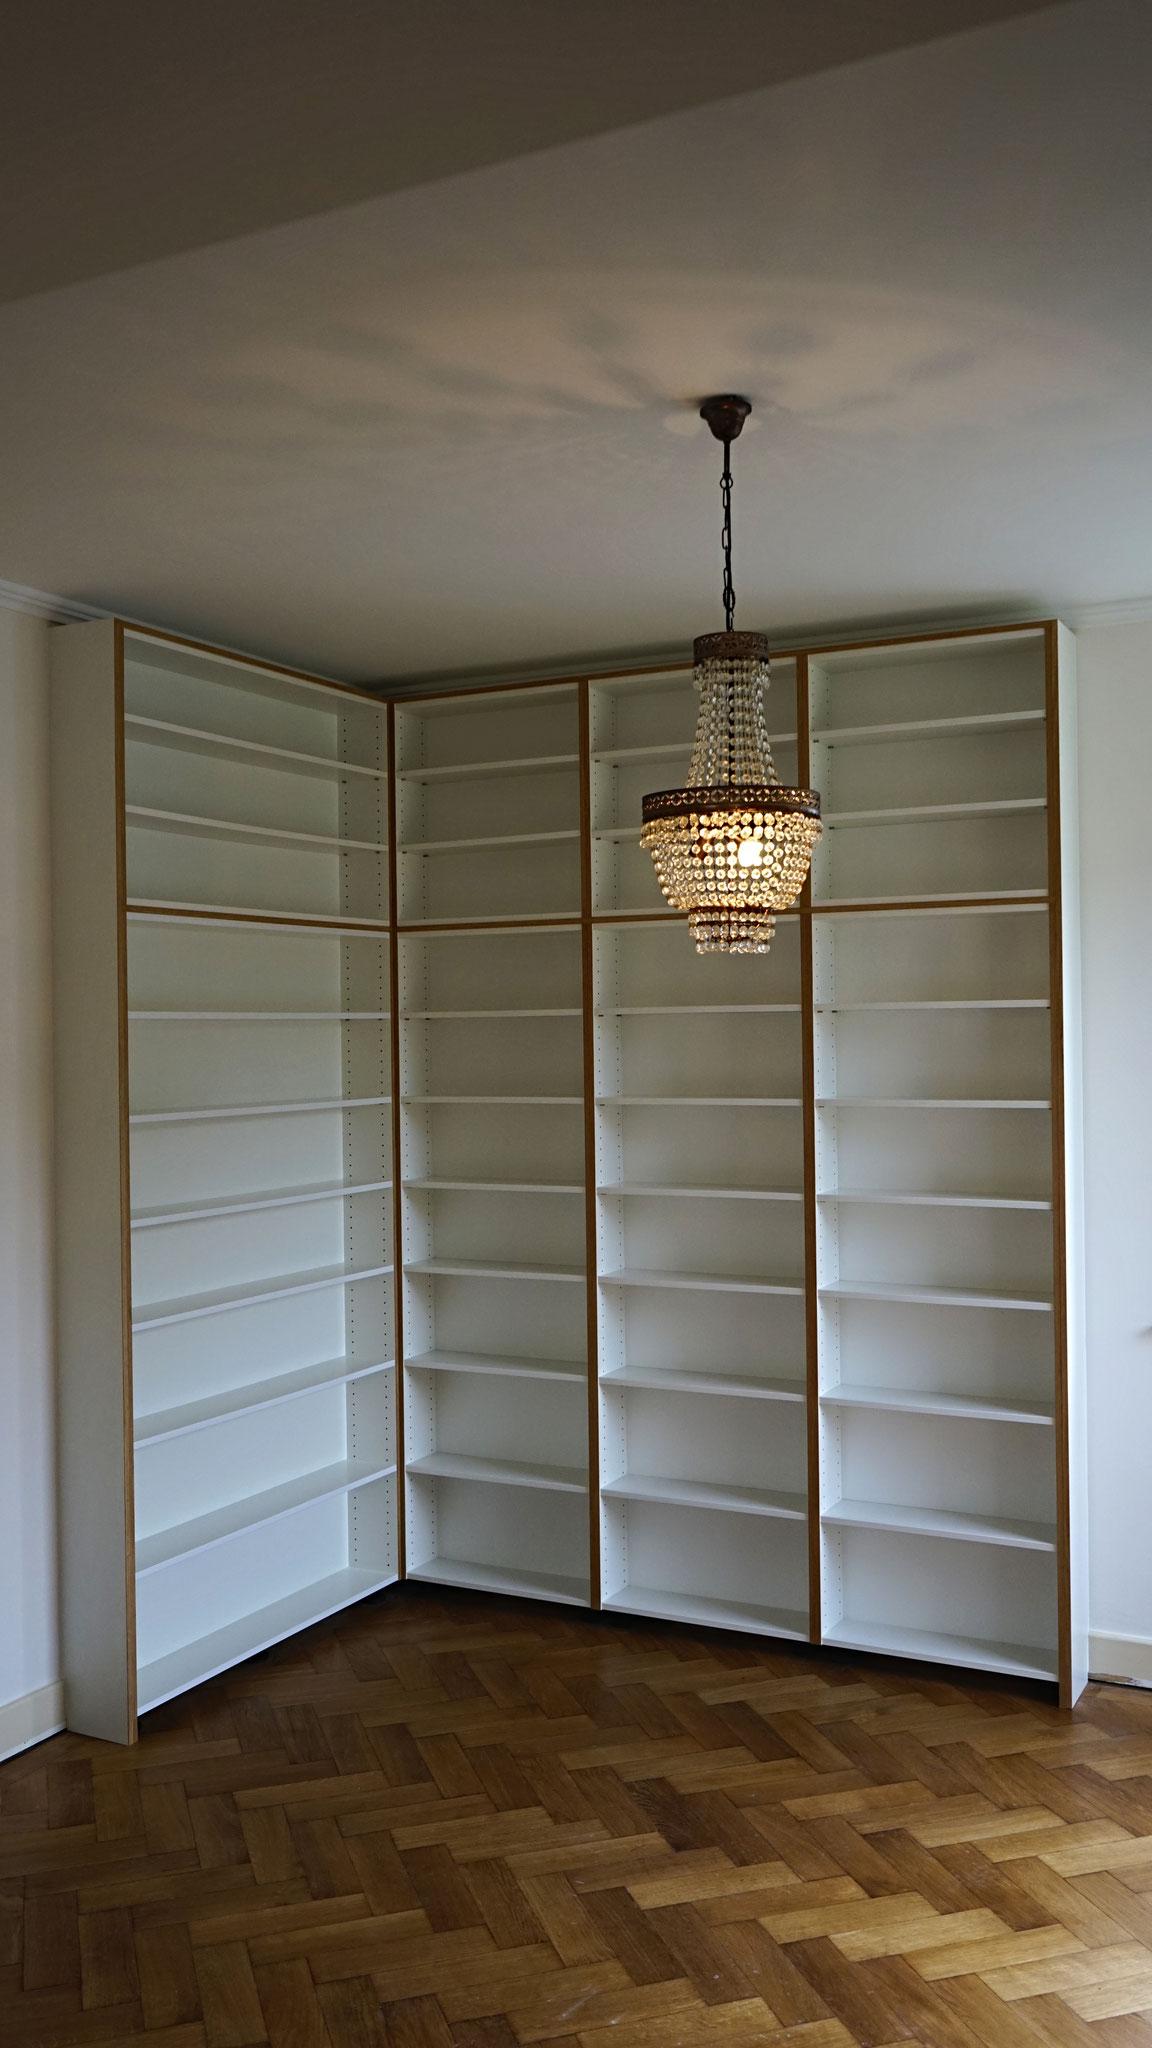 Deckenhohes Bücherregal mit viel Platz für die liebsten Lesestücke